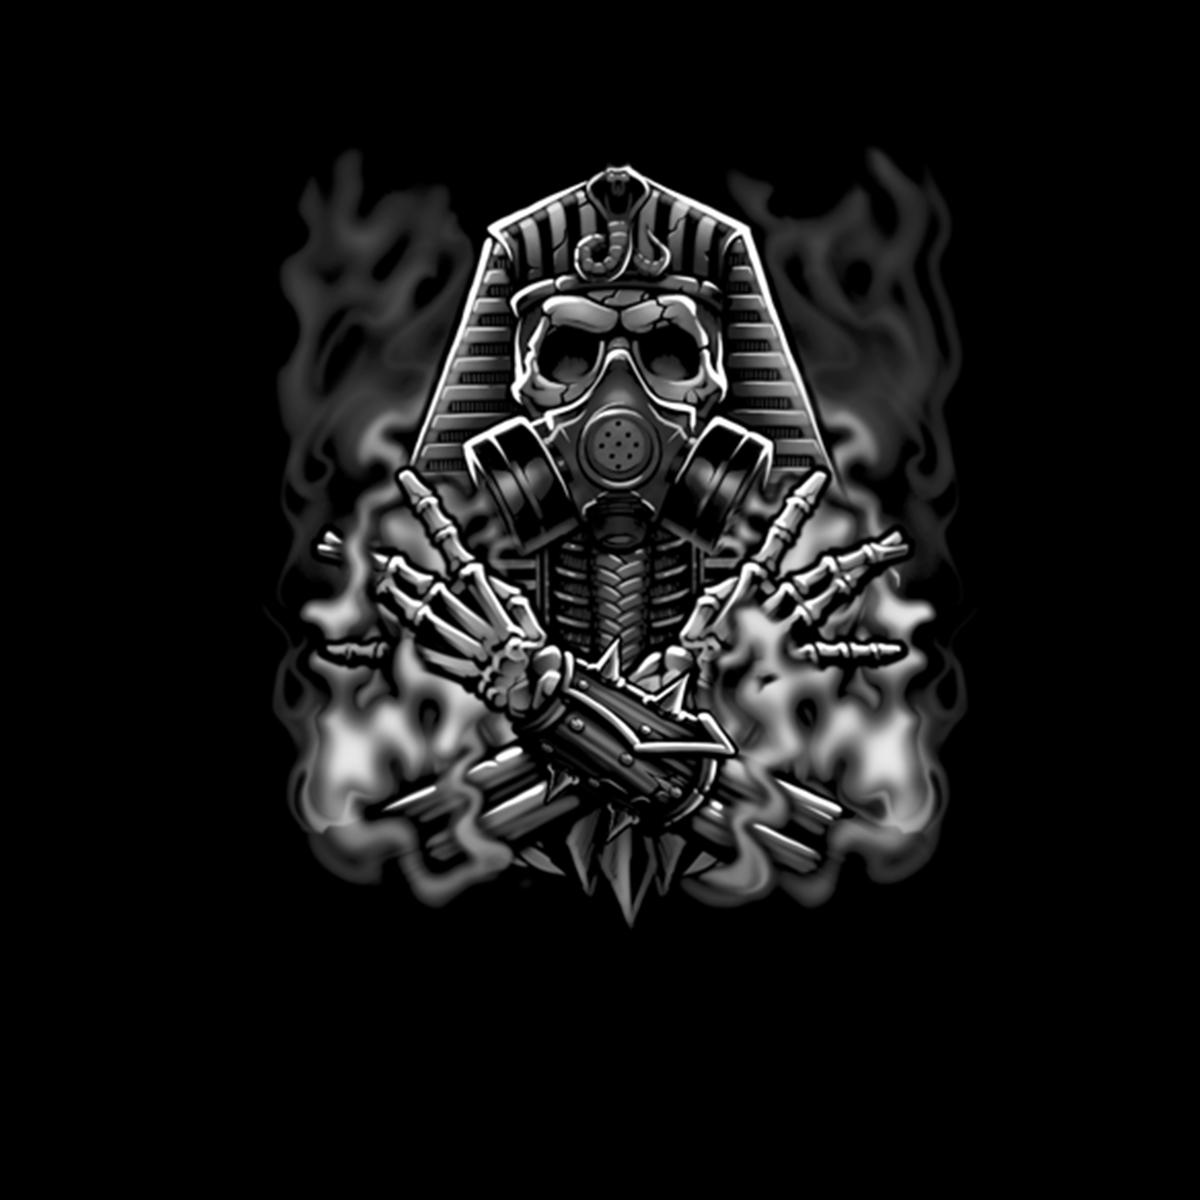 Pharaon égyptien Masque Gaz Fumée T-Shirt Hommes XS-5XL